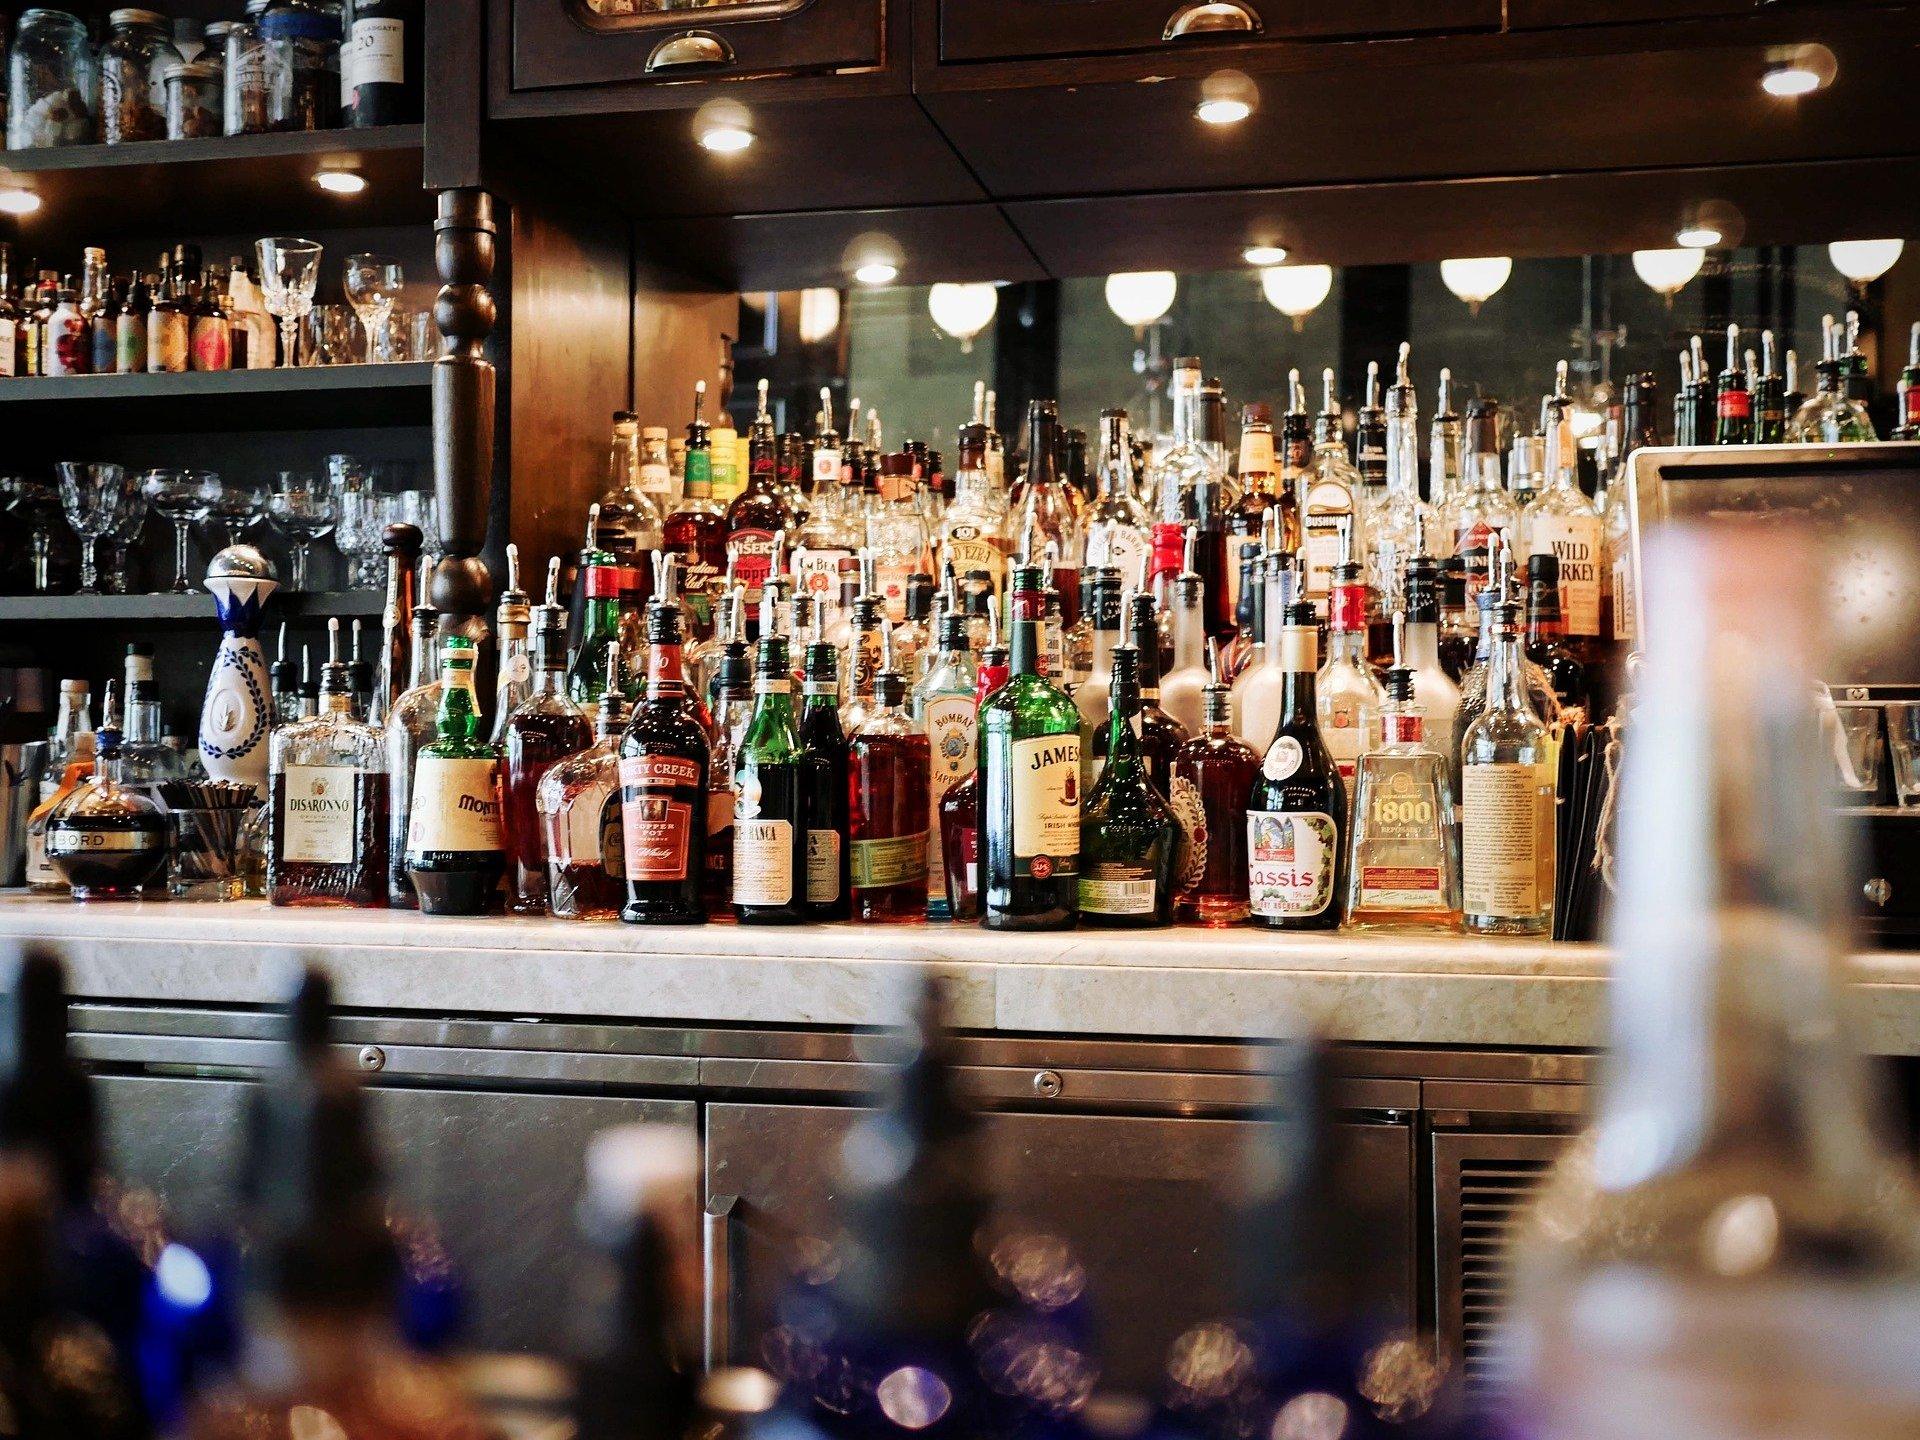 alcoholic-beverages-g9ccc3af3c_1920